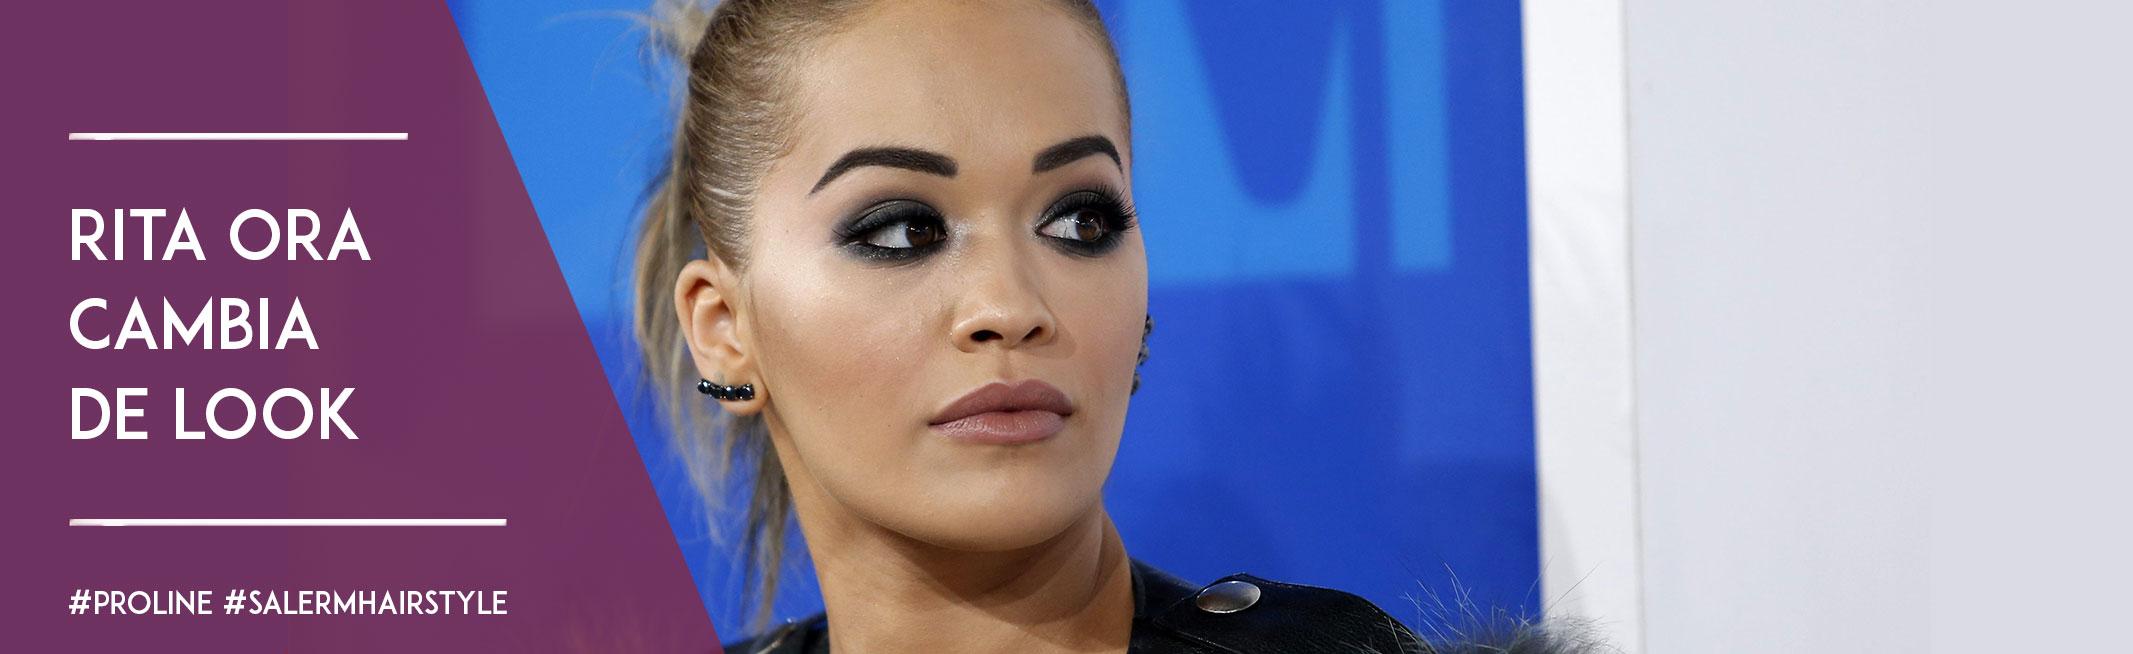 Rita Ora cambia de look